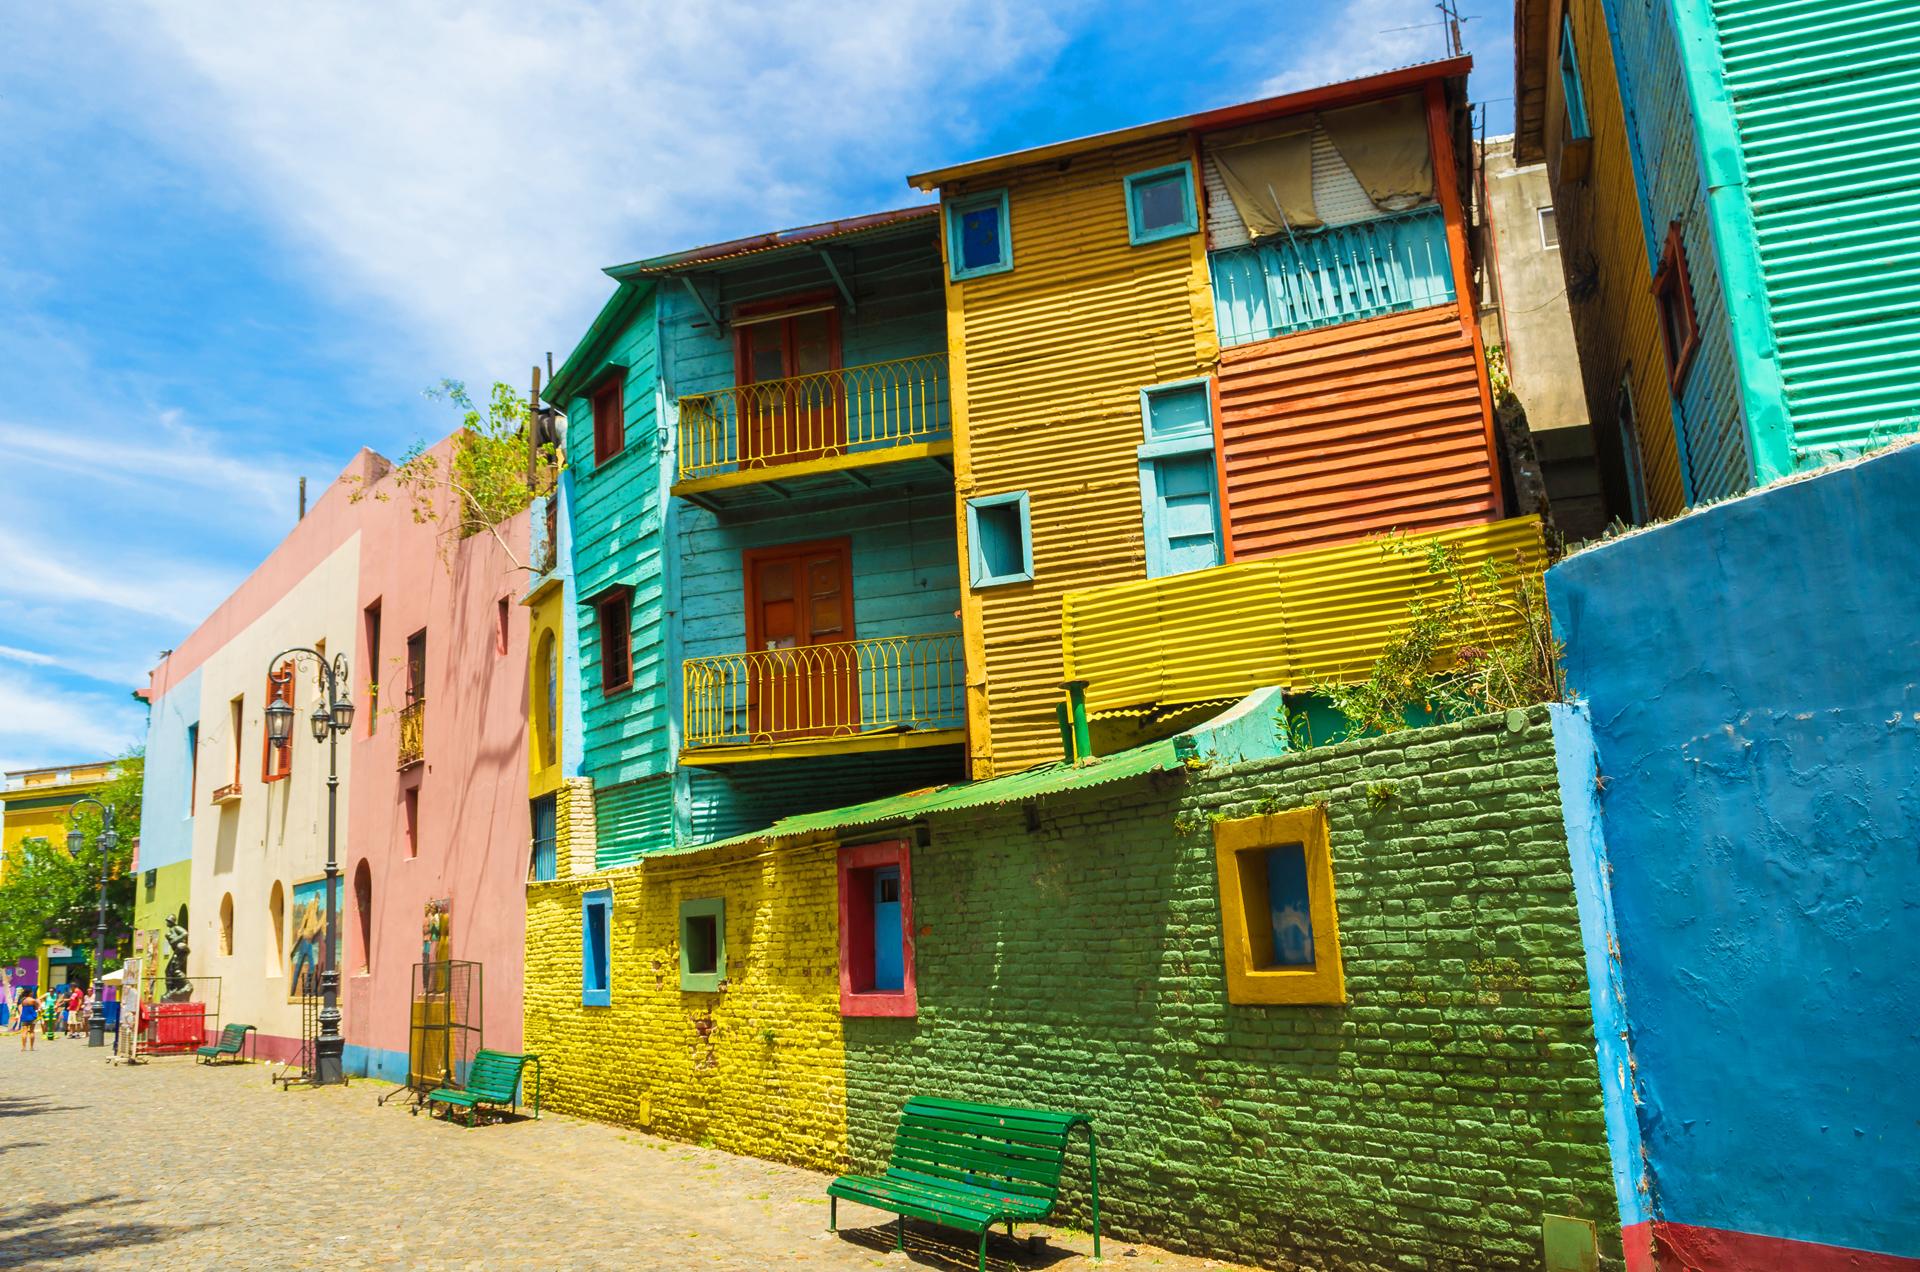 En el barrio porteño de La Boca se encuentra una de las atracciones turísticas de Buenos Aires, Caminito, ícono del tango y de los conventillos (iStock)